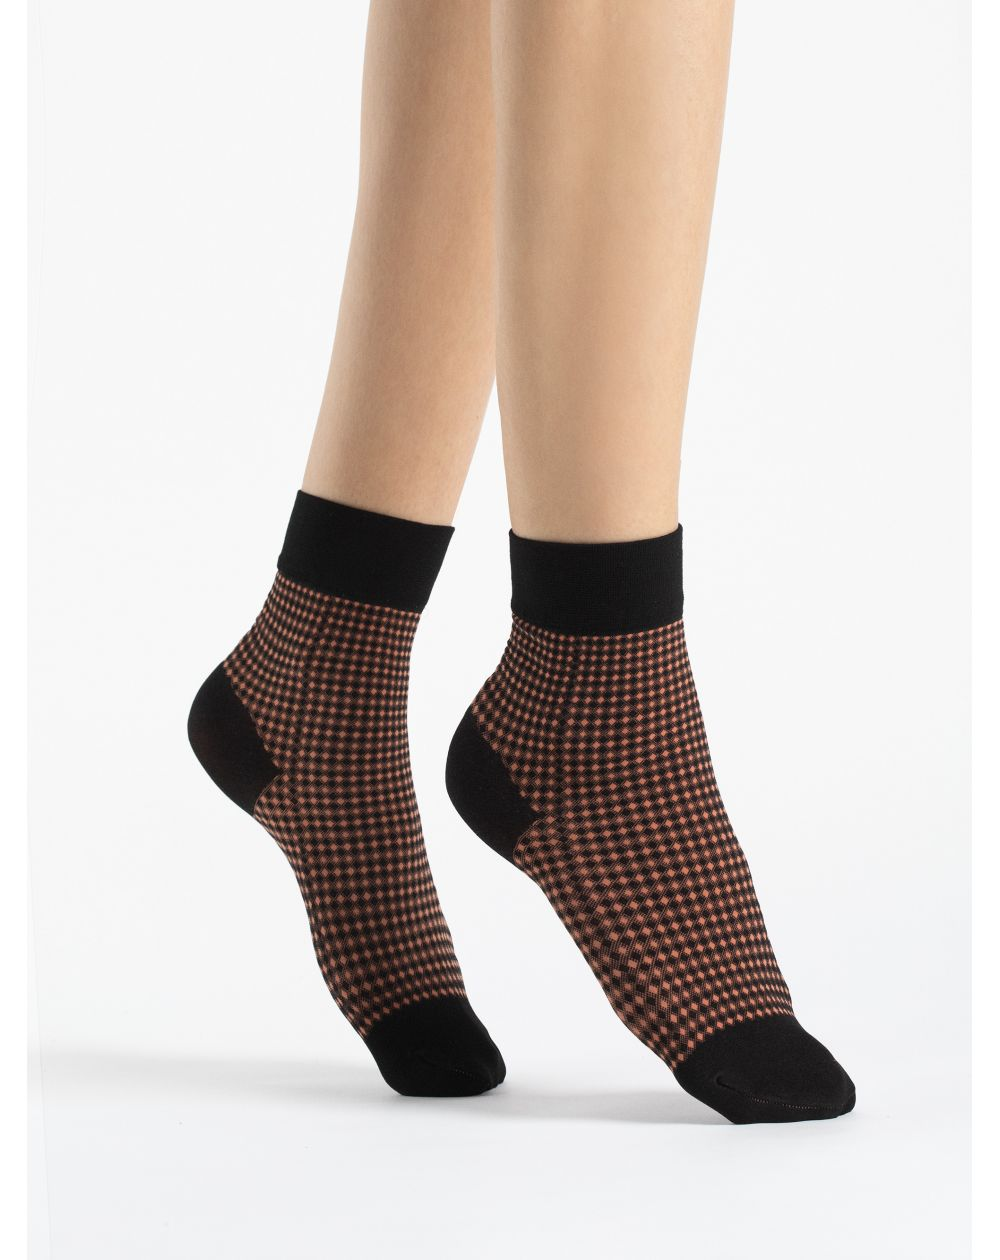 Fiore CROQUET- Socks 40 den papaya \\ Socks 40 den